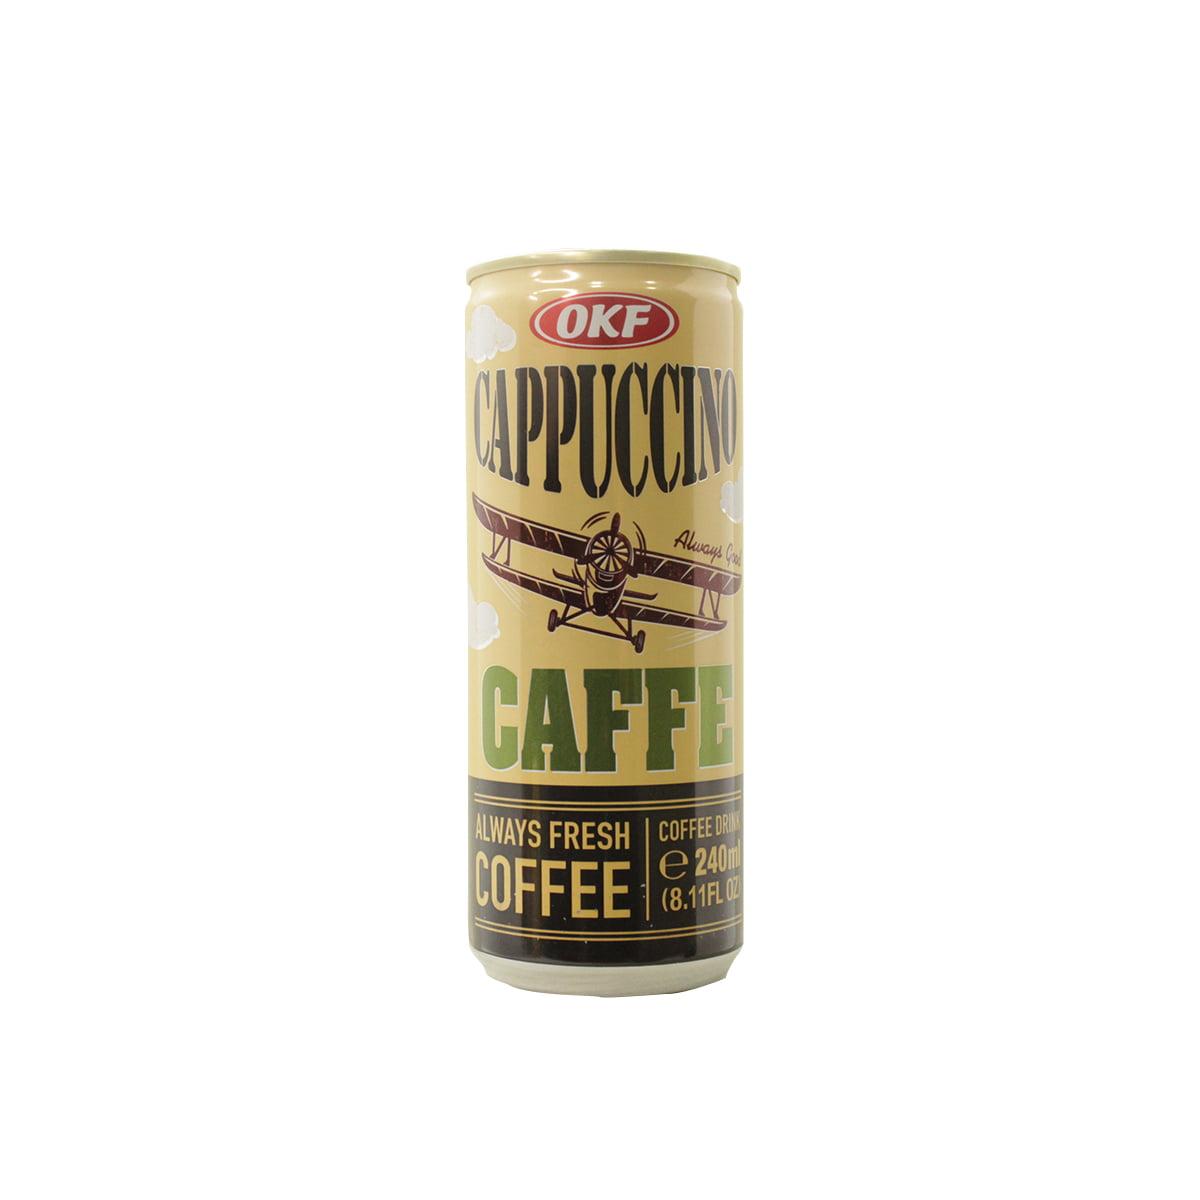 Café Coreano Cappuccino Premium OKF - 240mL